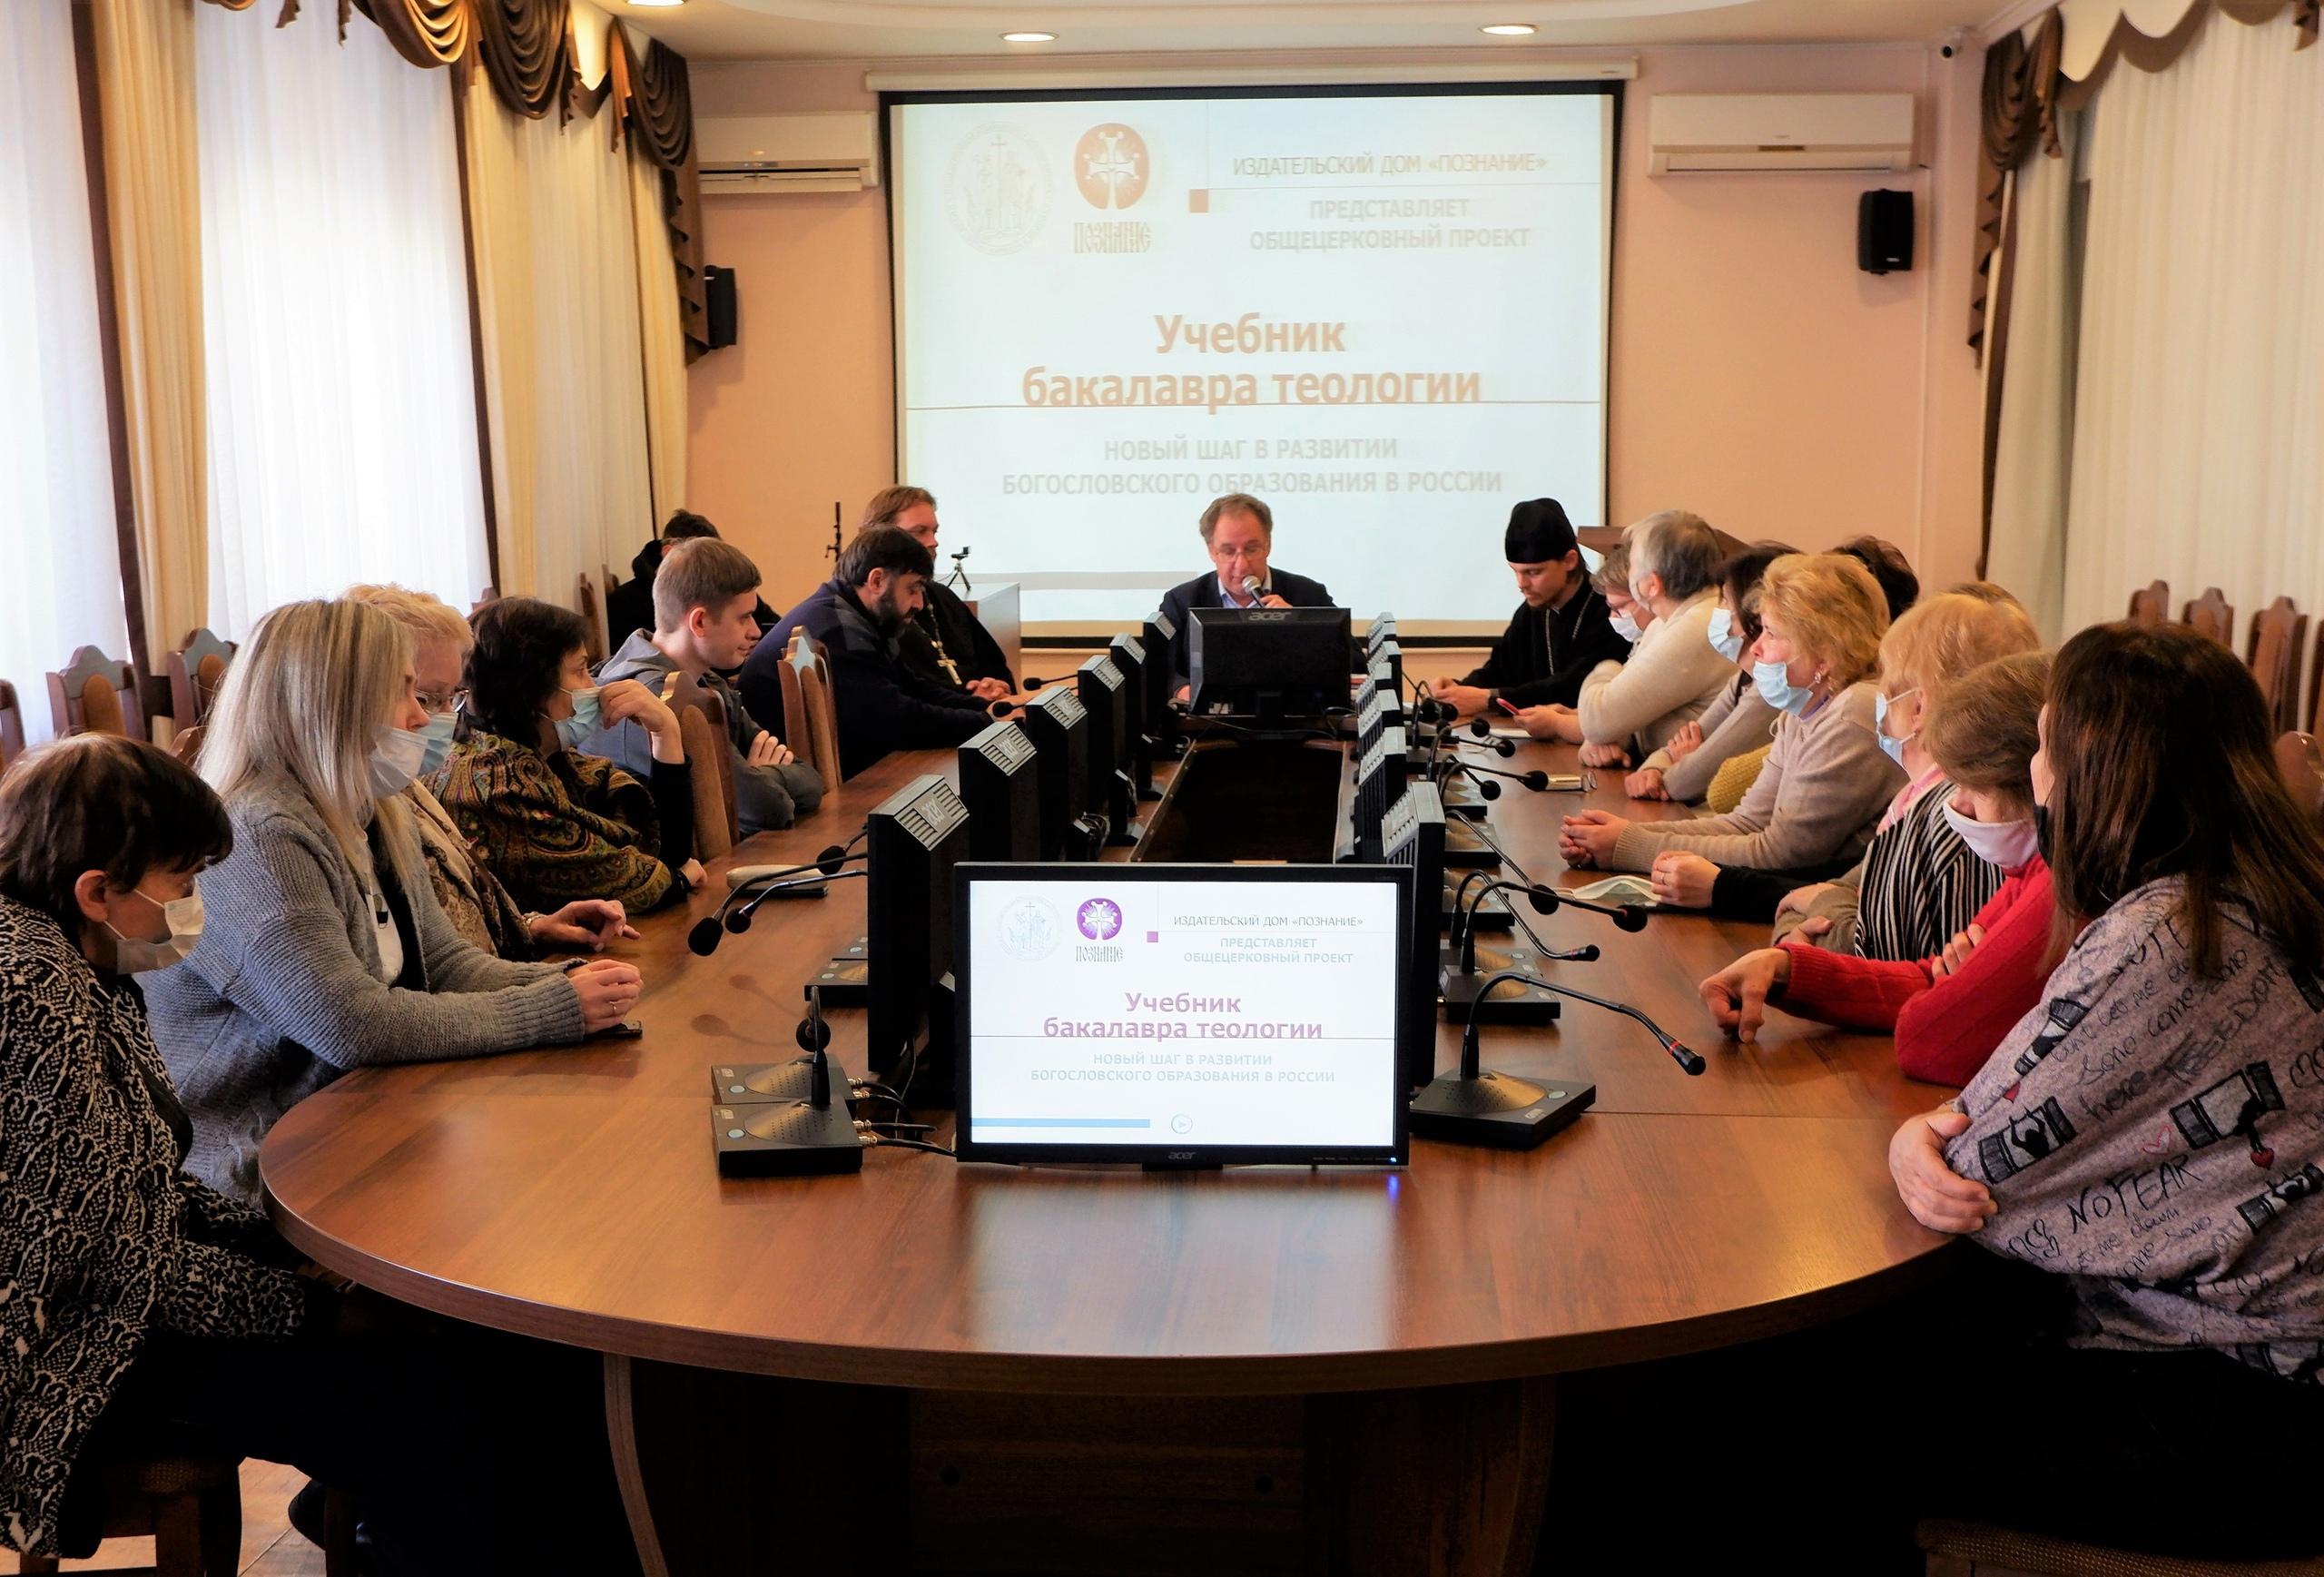 В Астрахани прошел семинар по проблемам формирования фондов православной литературы